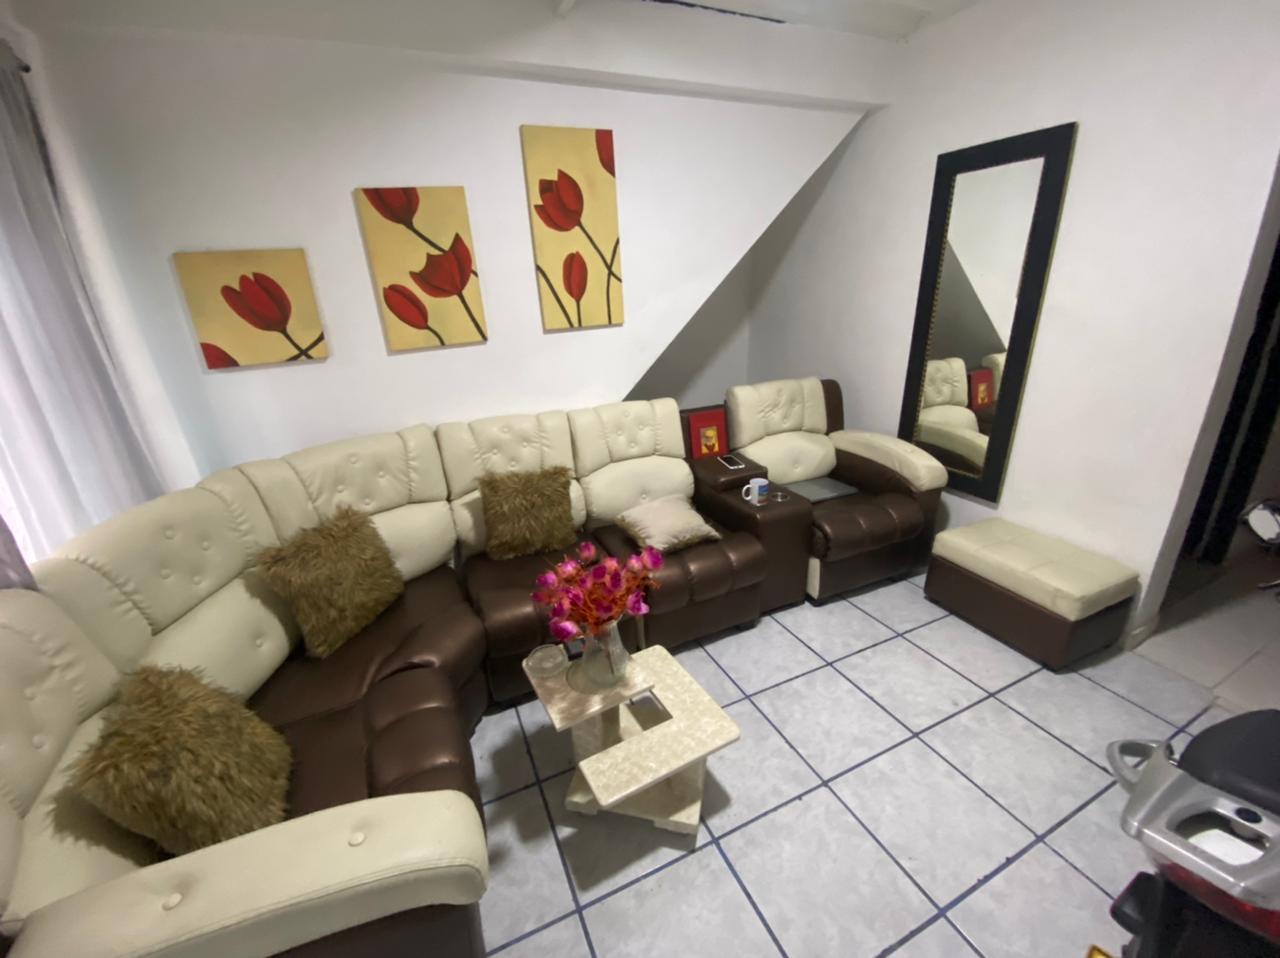 CV-0568 Se vende casa en Chinchiná, en sector comercial.